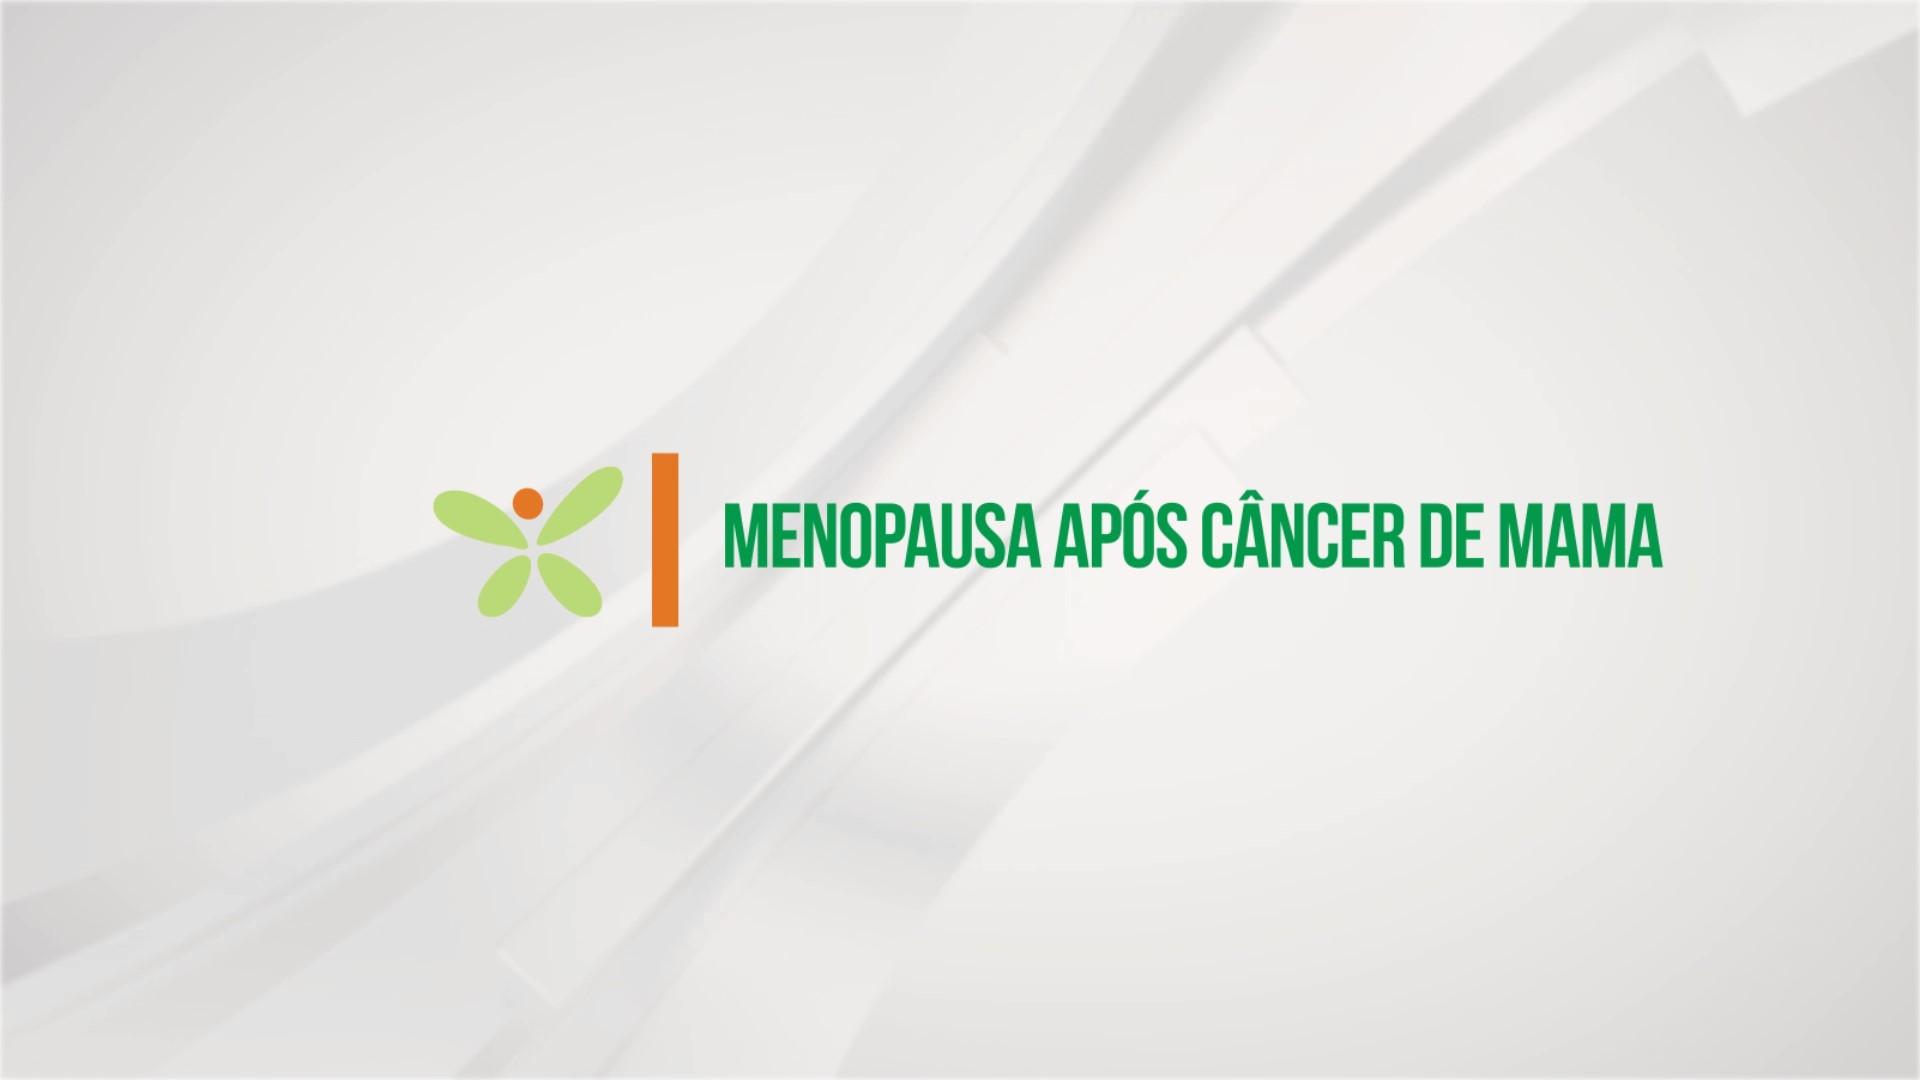 Menopausa após câncer de mama – Dra. Luiza da Rosa Ramos